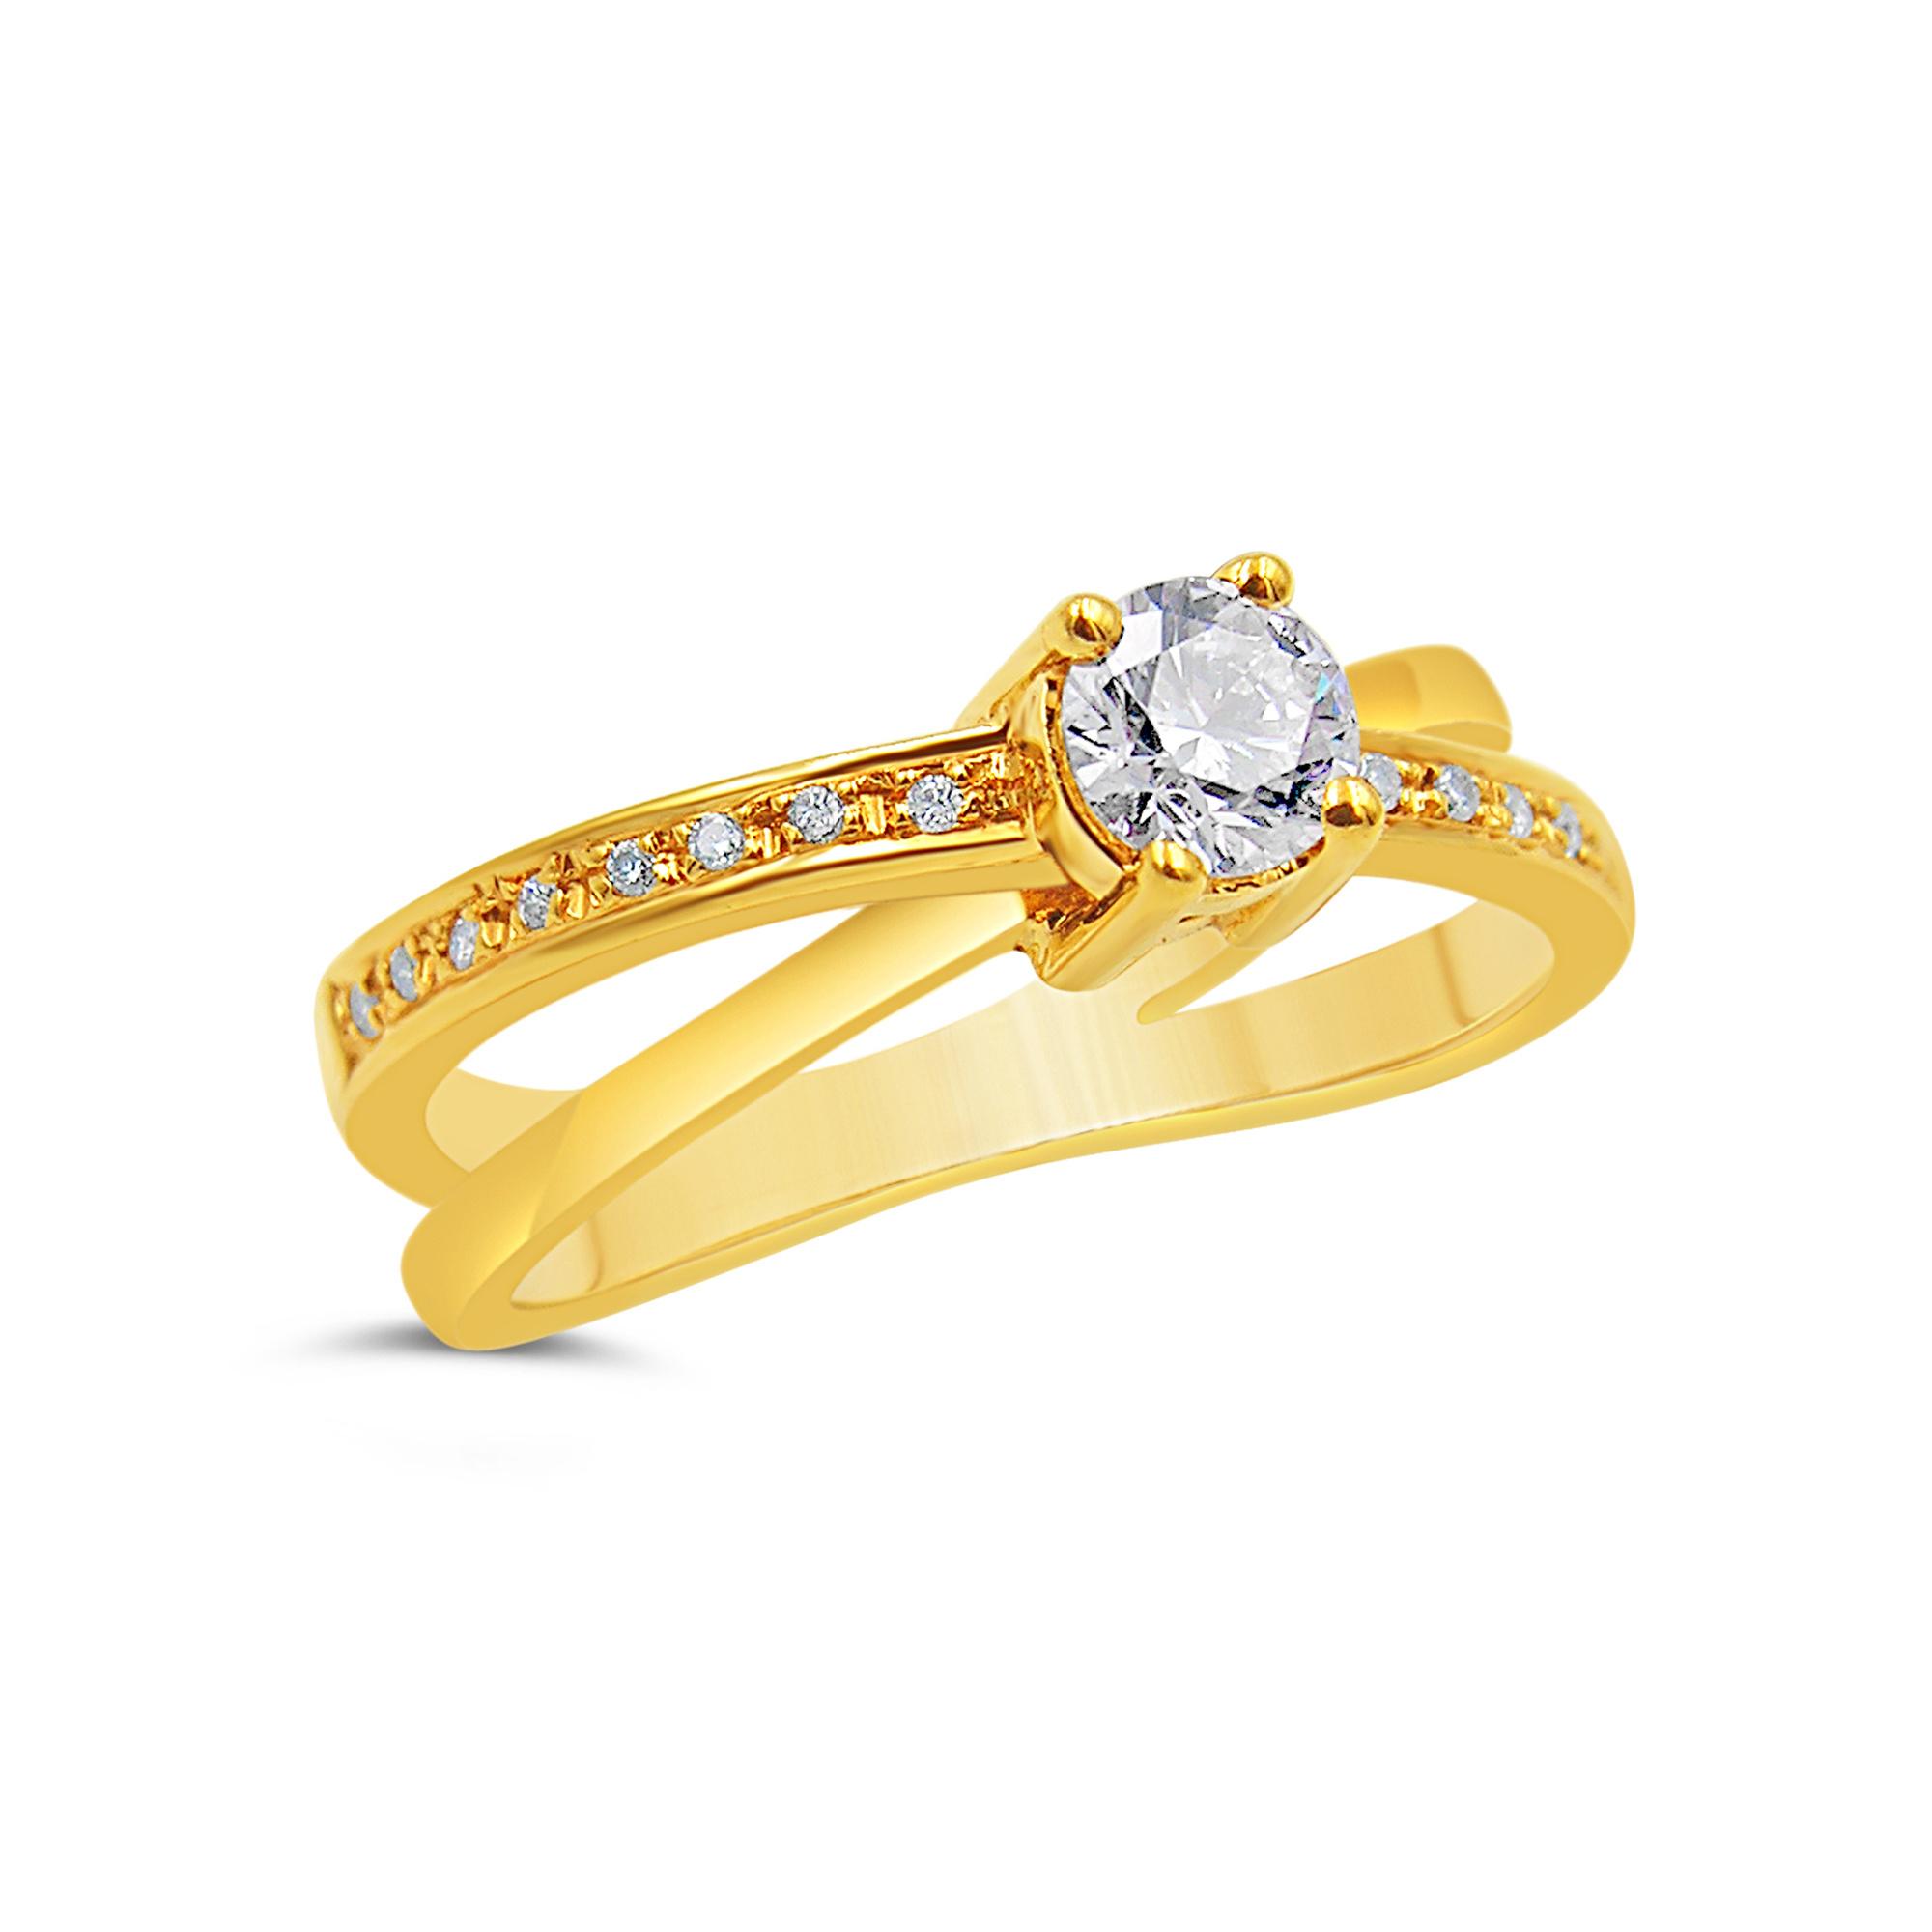 18k geel goud verlovingsring met 0.46 ct diamanten